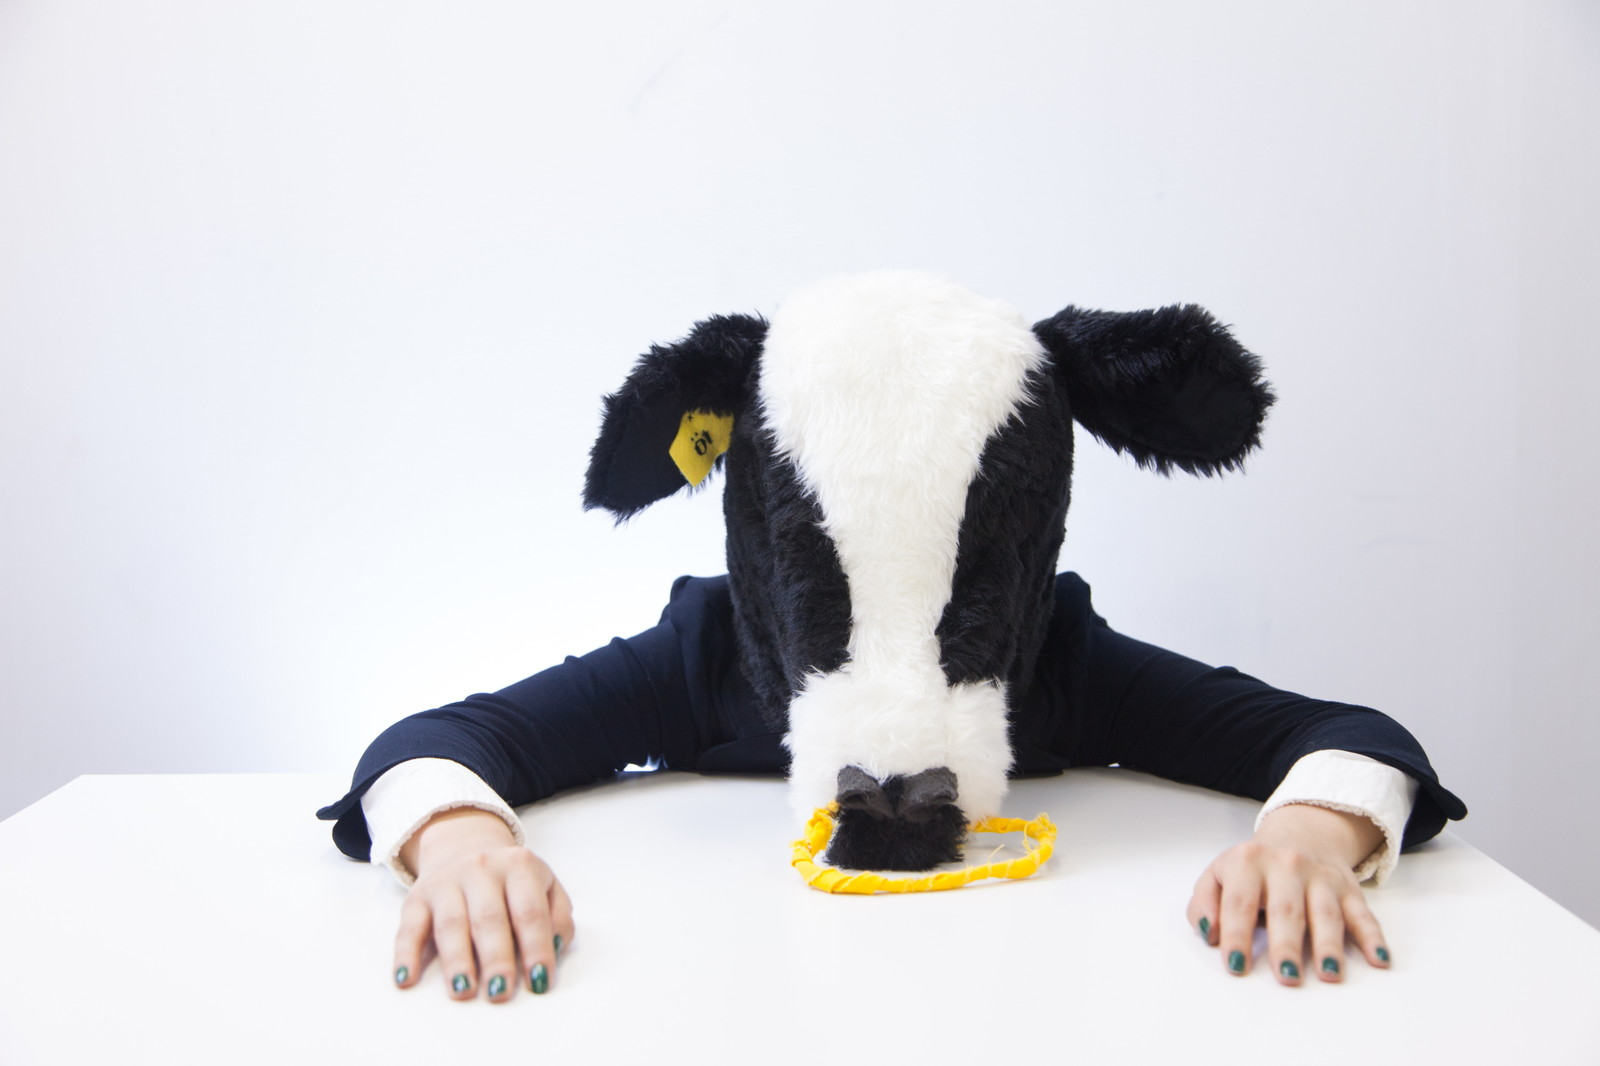 「人間社会に消耗して力尽きた牛コンサルタント人間社会に消耗して力尽きた牛コンサルタント」[モデル:古性のっち]のフリー写真素材を拡大